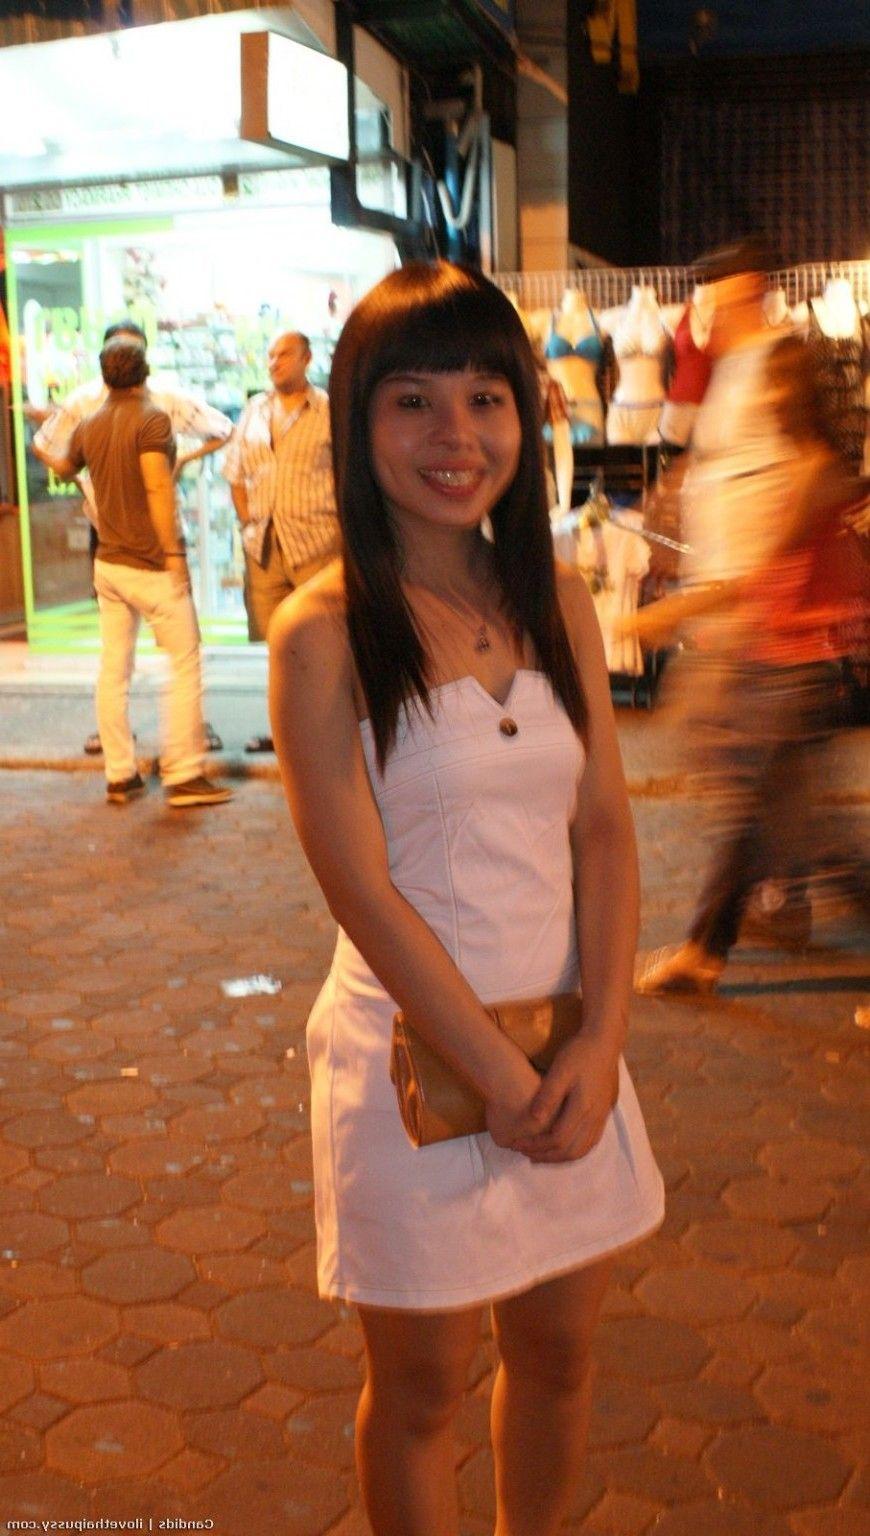 Nutten Ficken betrunken thai bargirls bezahlt zu ficken ein schwedisch